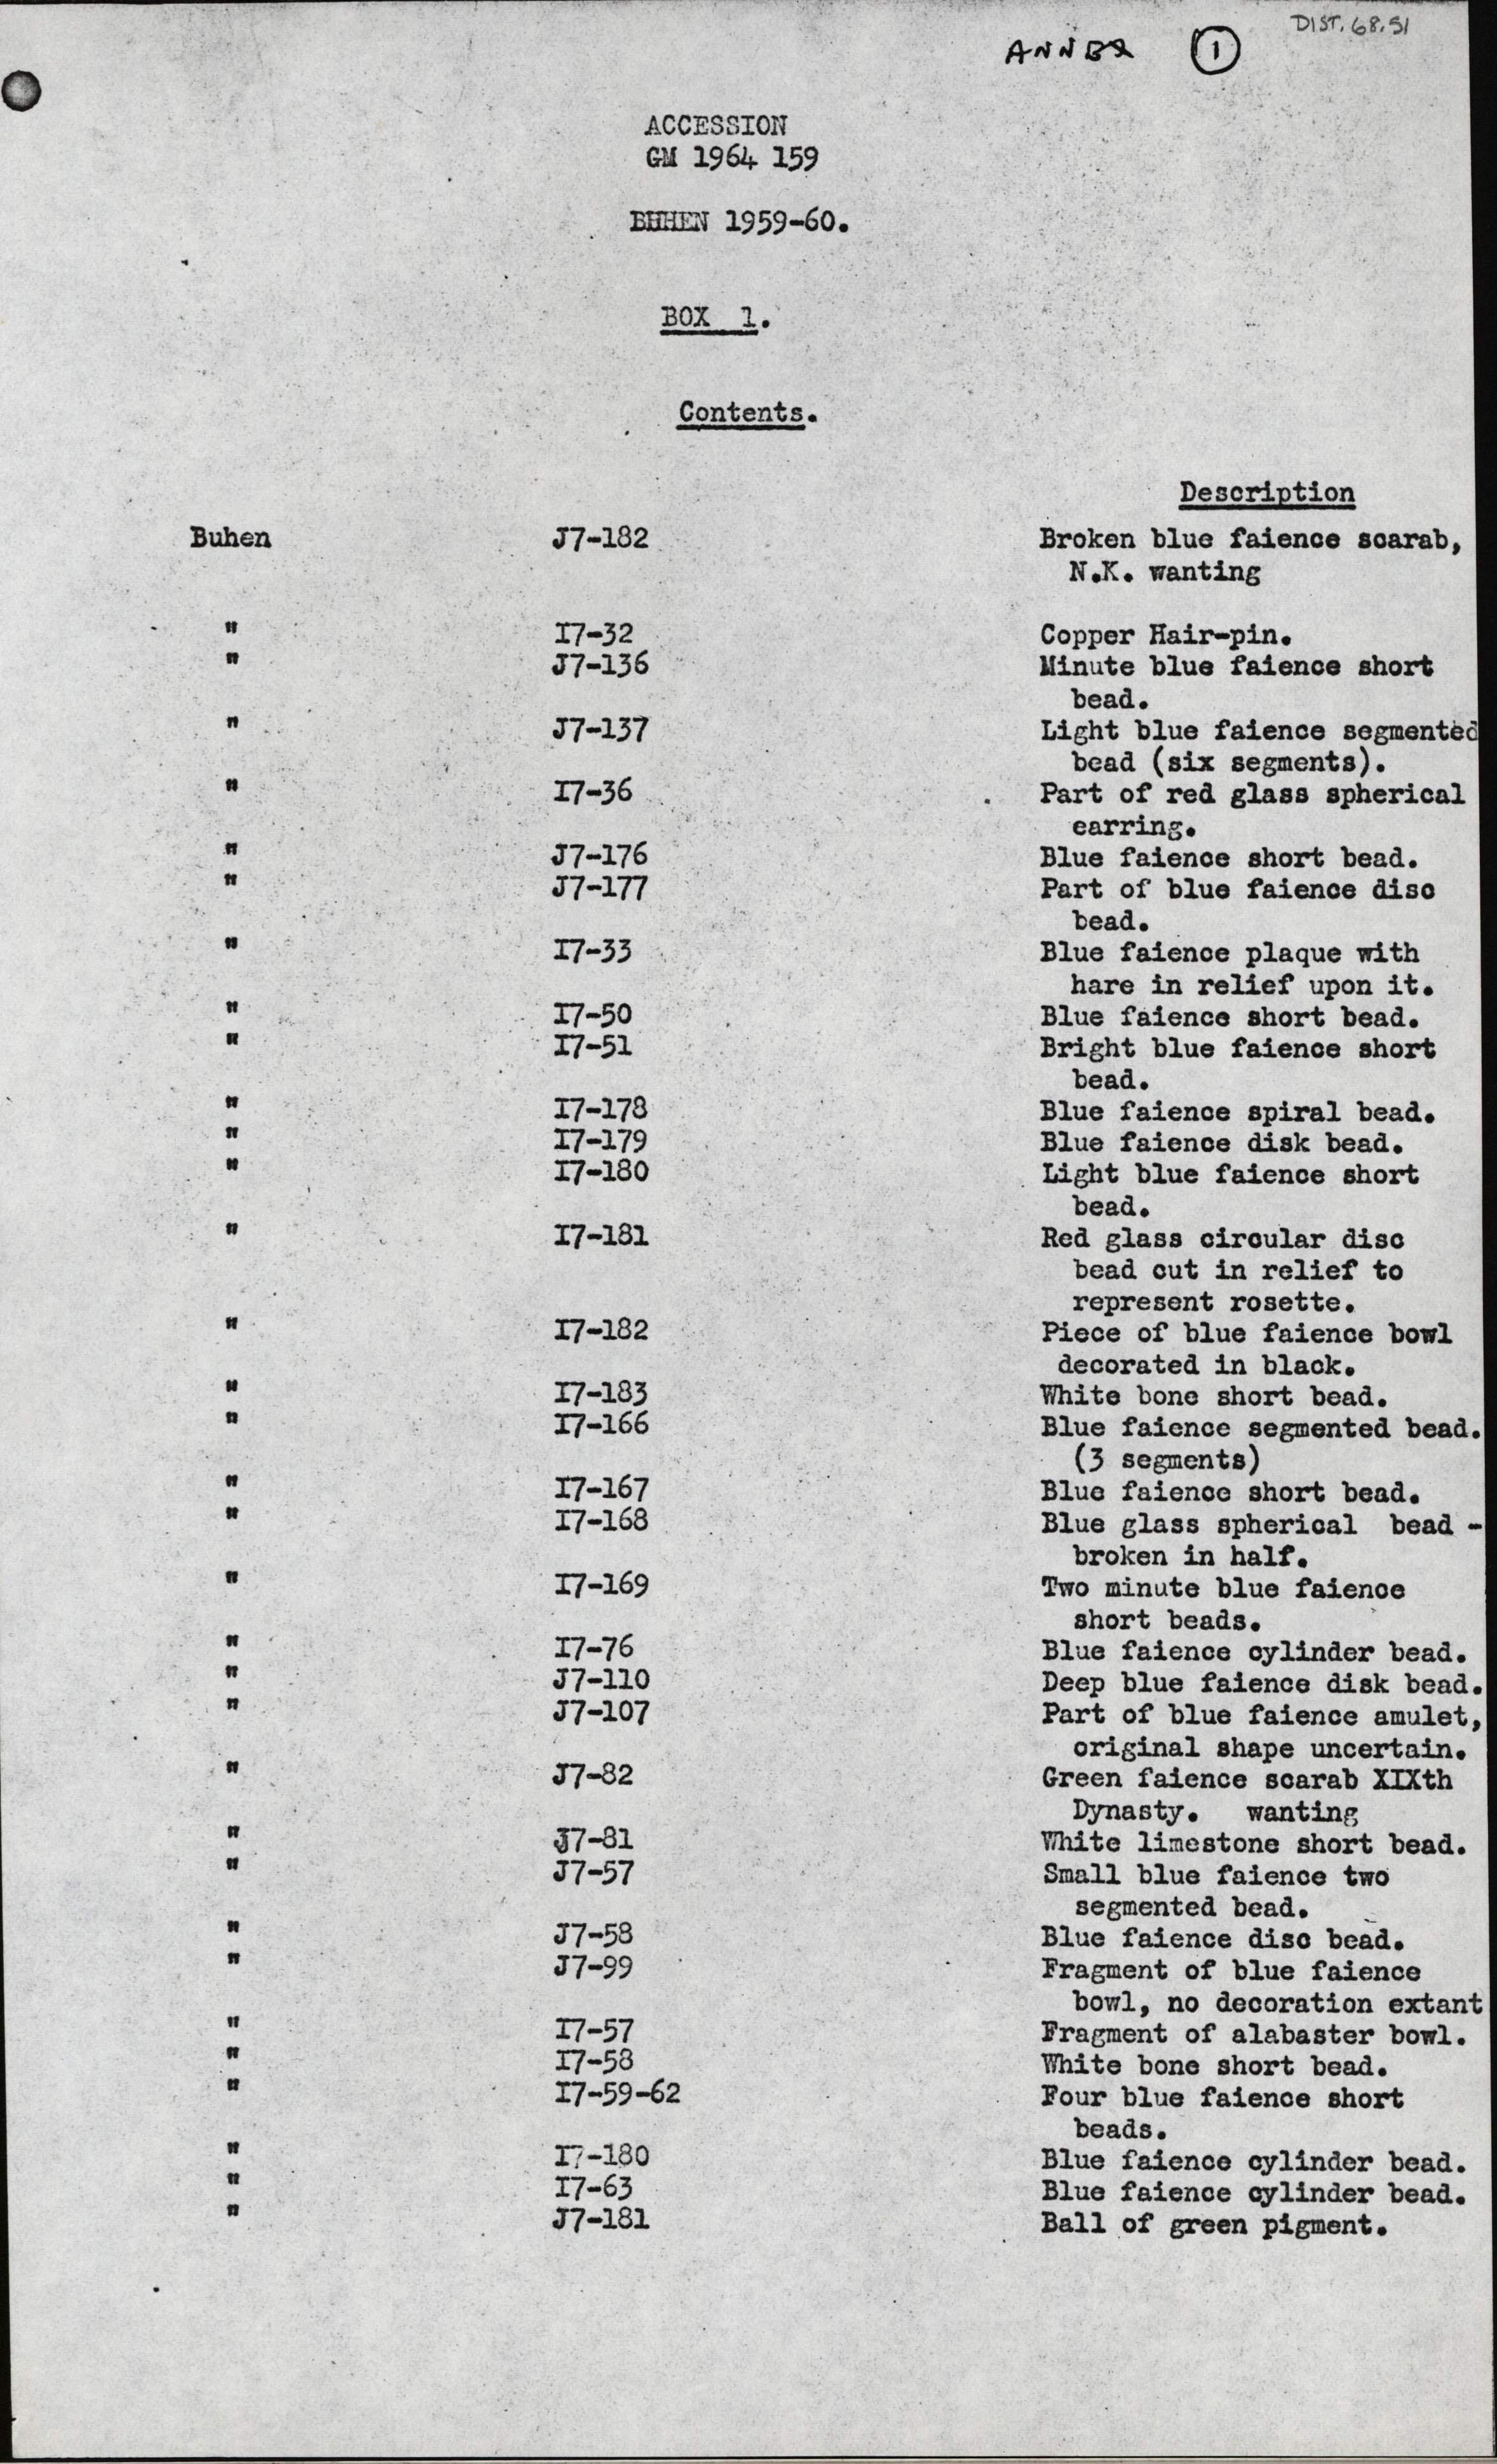 1959-74 Buhen DIST.68.51a